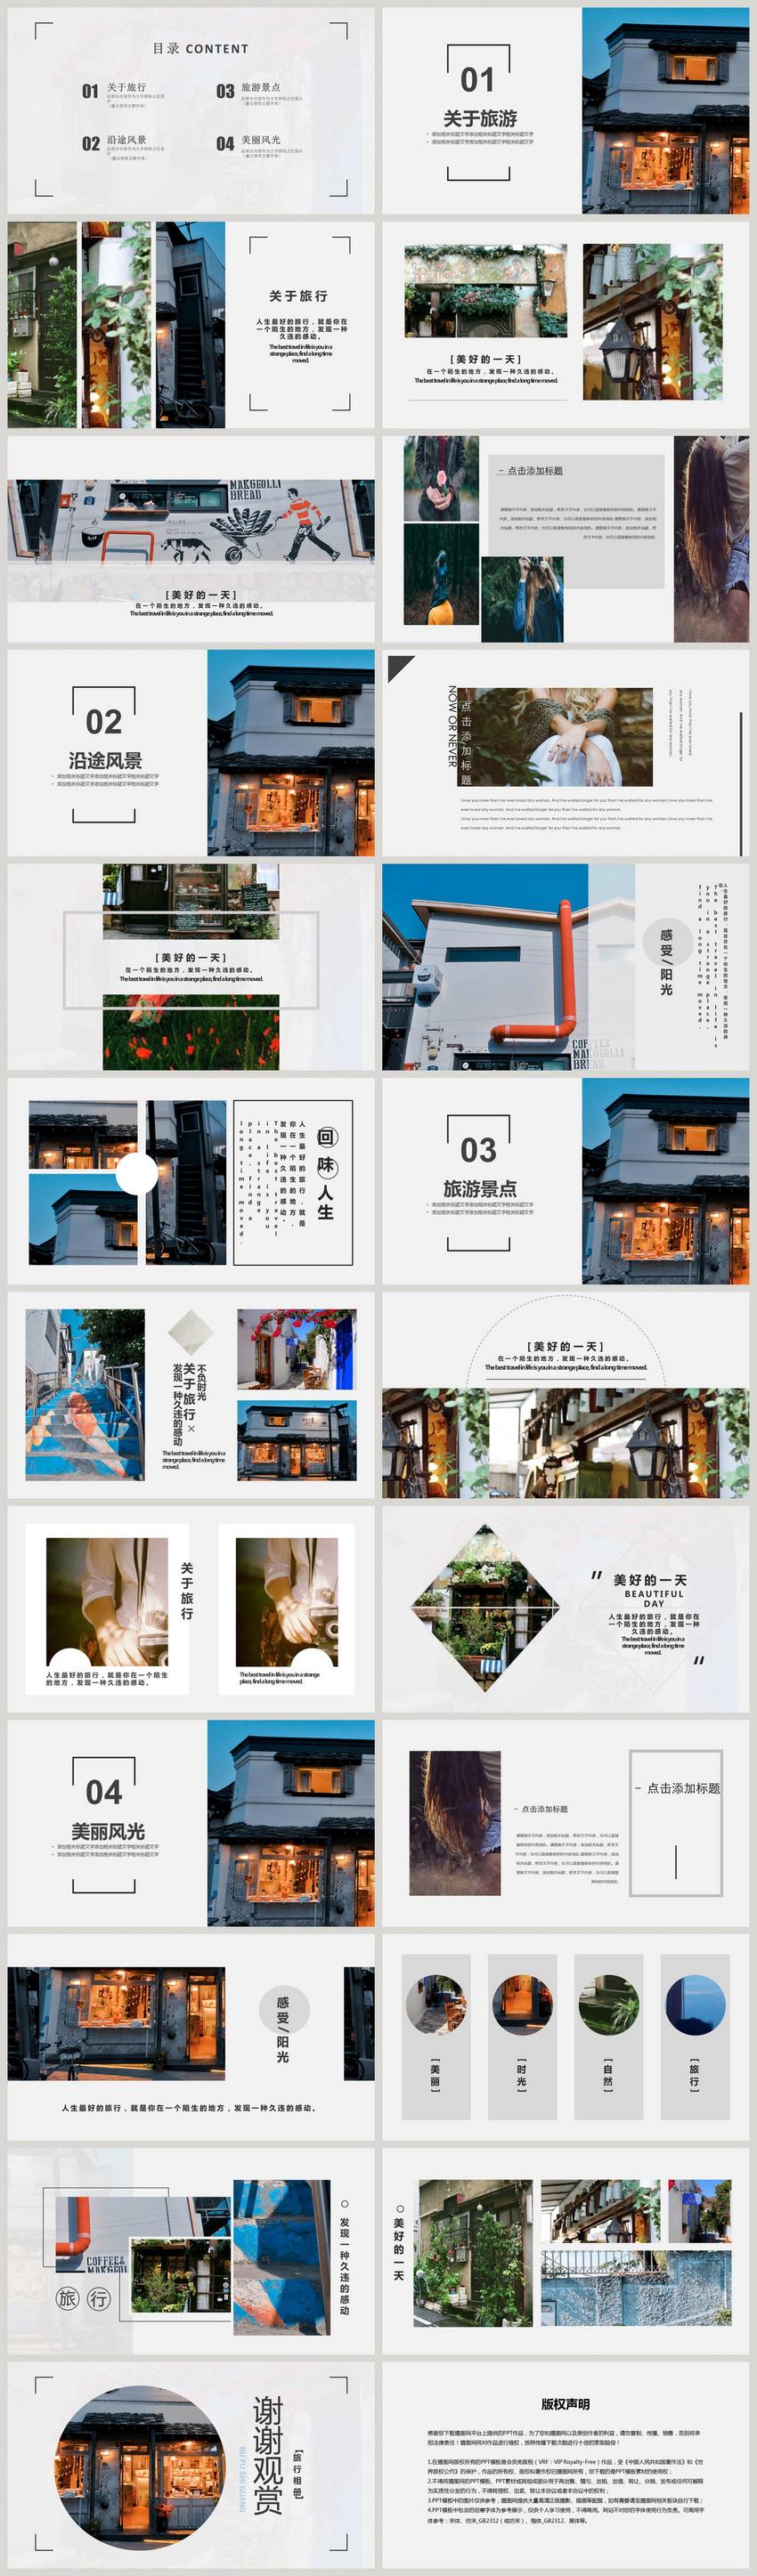 旅游相册PPT模板图片